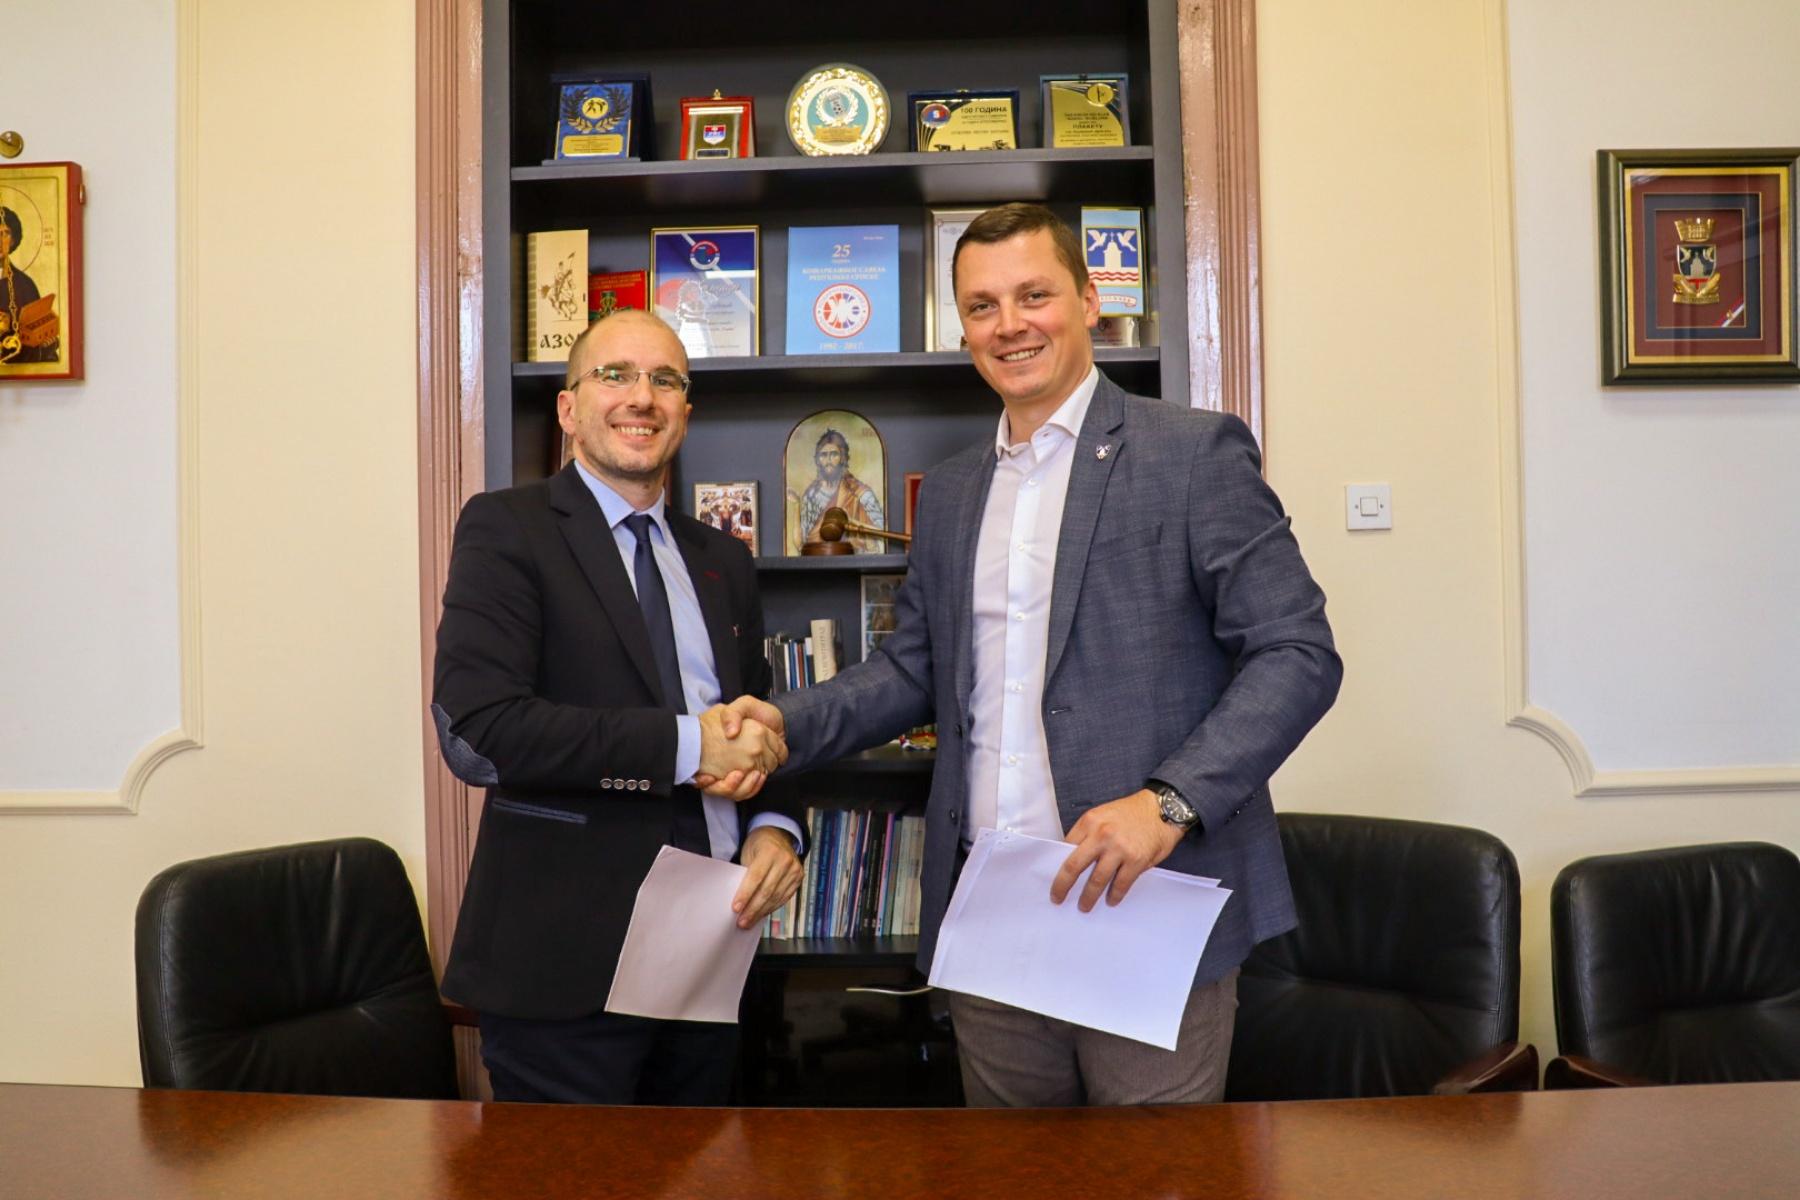 Studenti uskoro na praksi u Skupštini grada Bijeljina: Đurđević i Marković potpisali Memorandum o saradnji